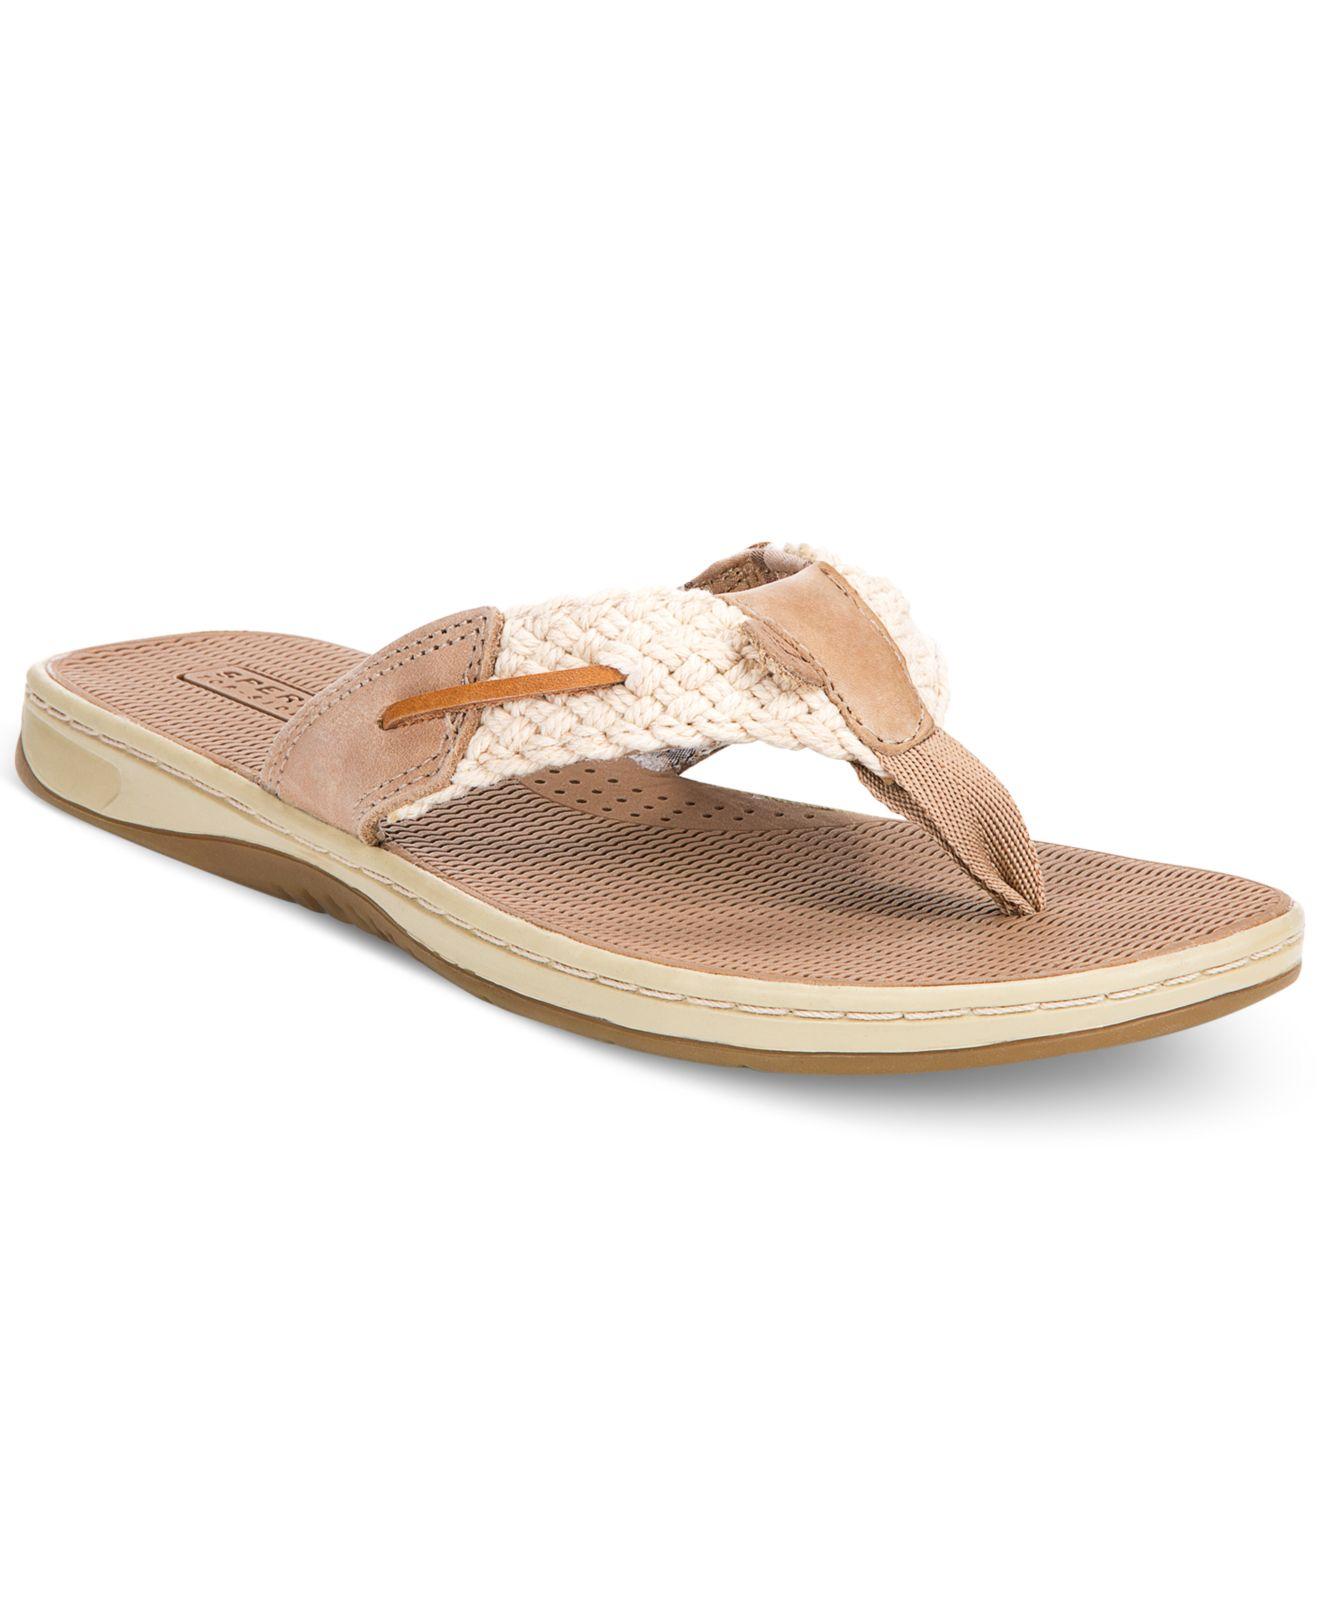 Sperry® Parrotfish Sandal s9E3g6